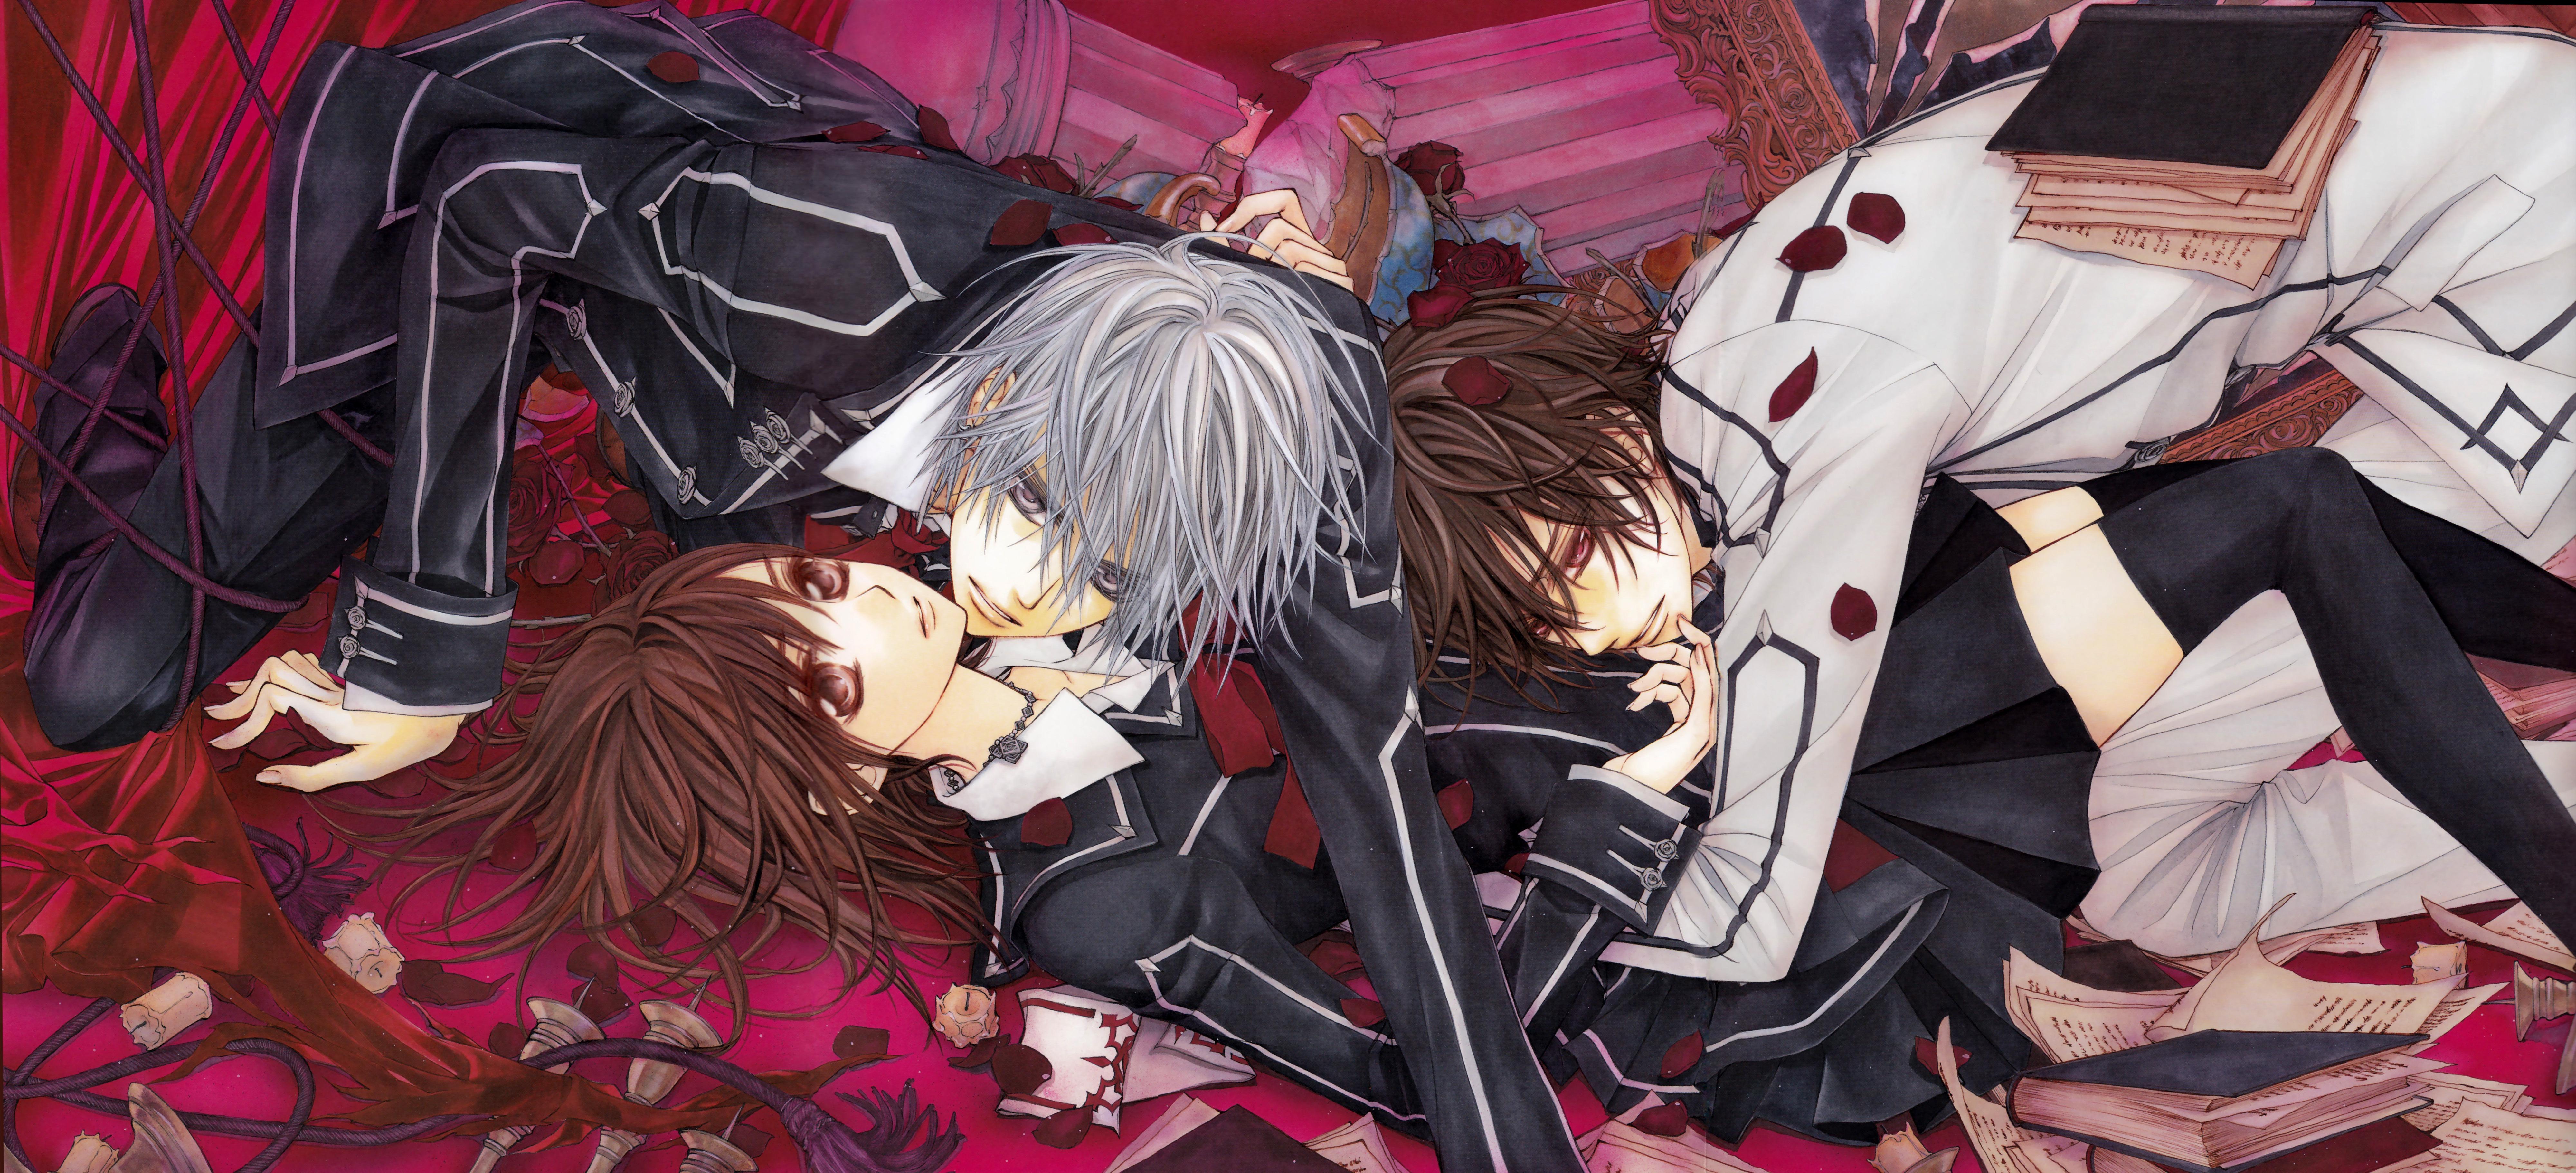 Anime Werewolf And Vampire Anime Vampire